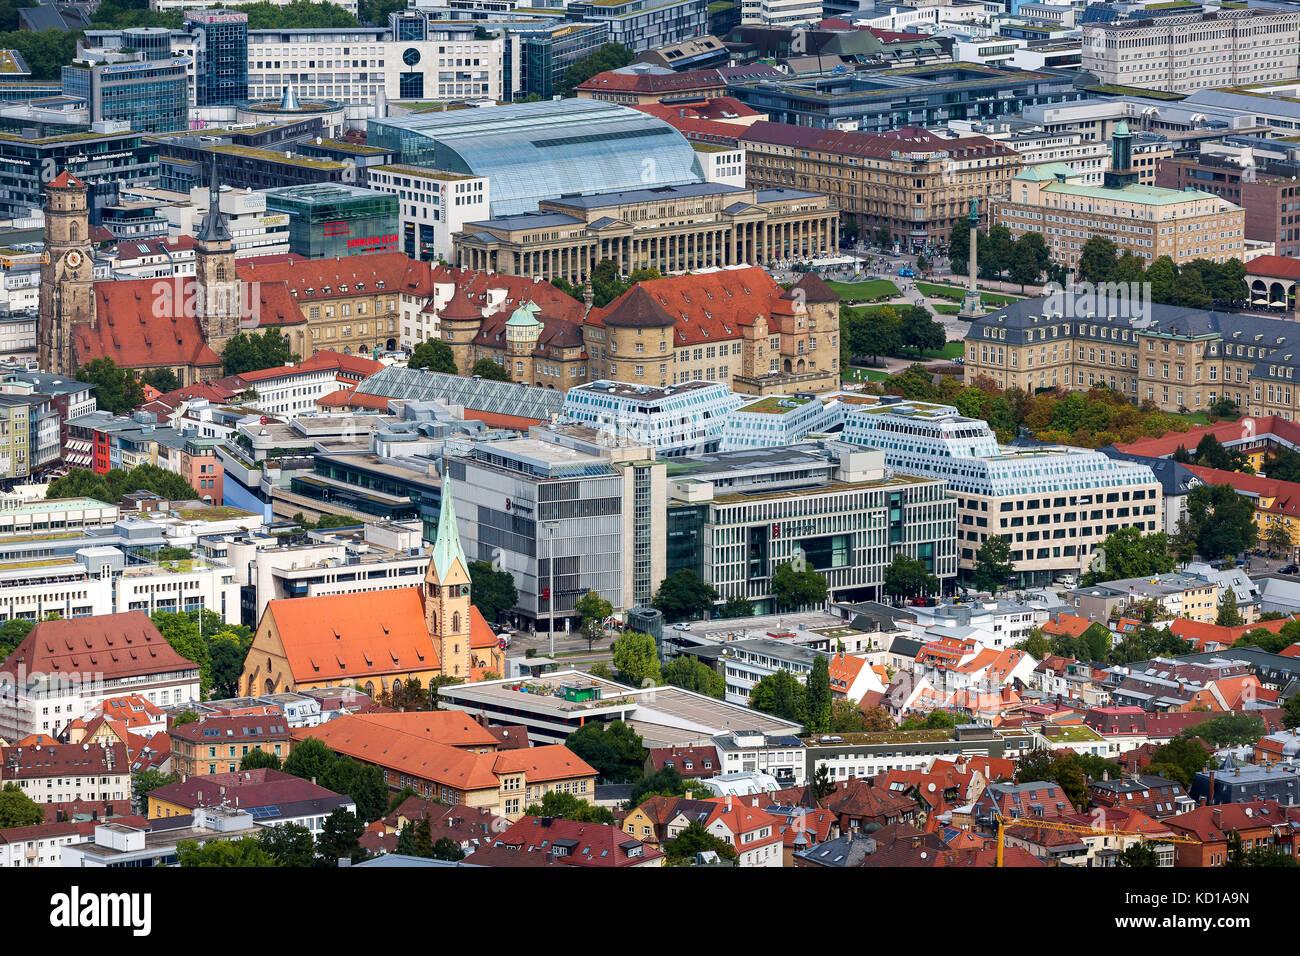 Cityscape of Stuttgart, Baden-Wuerttemberg. - Stock Image